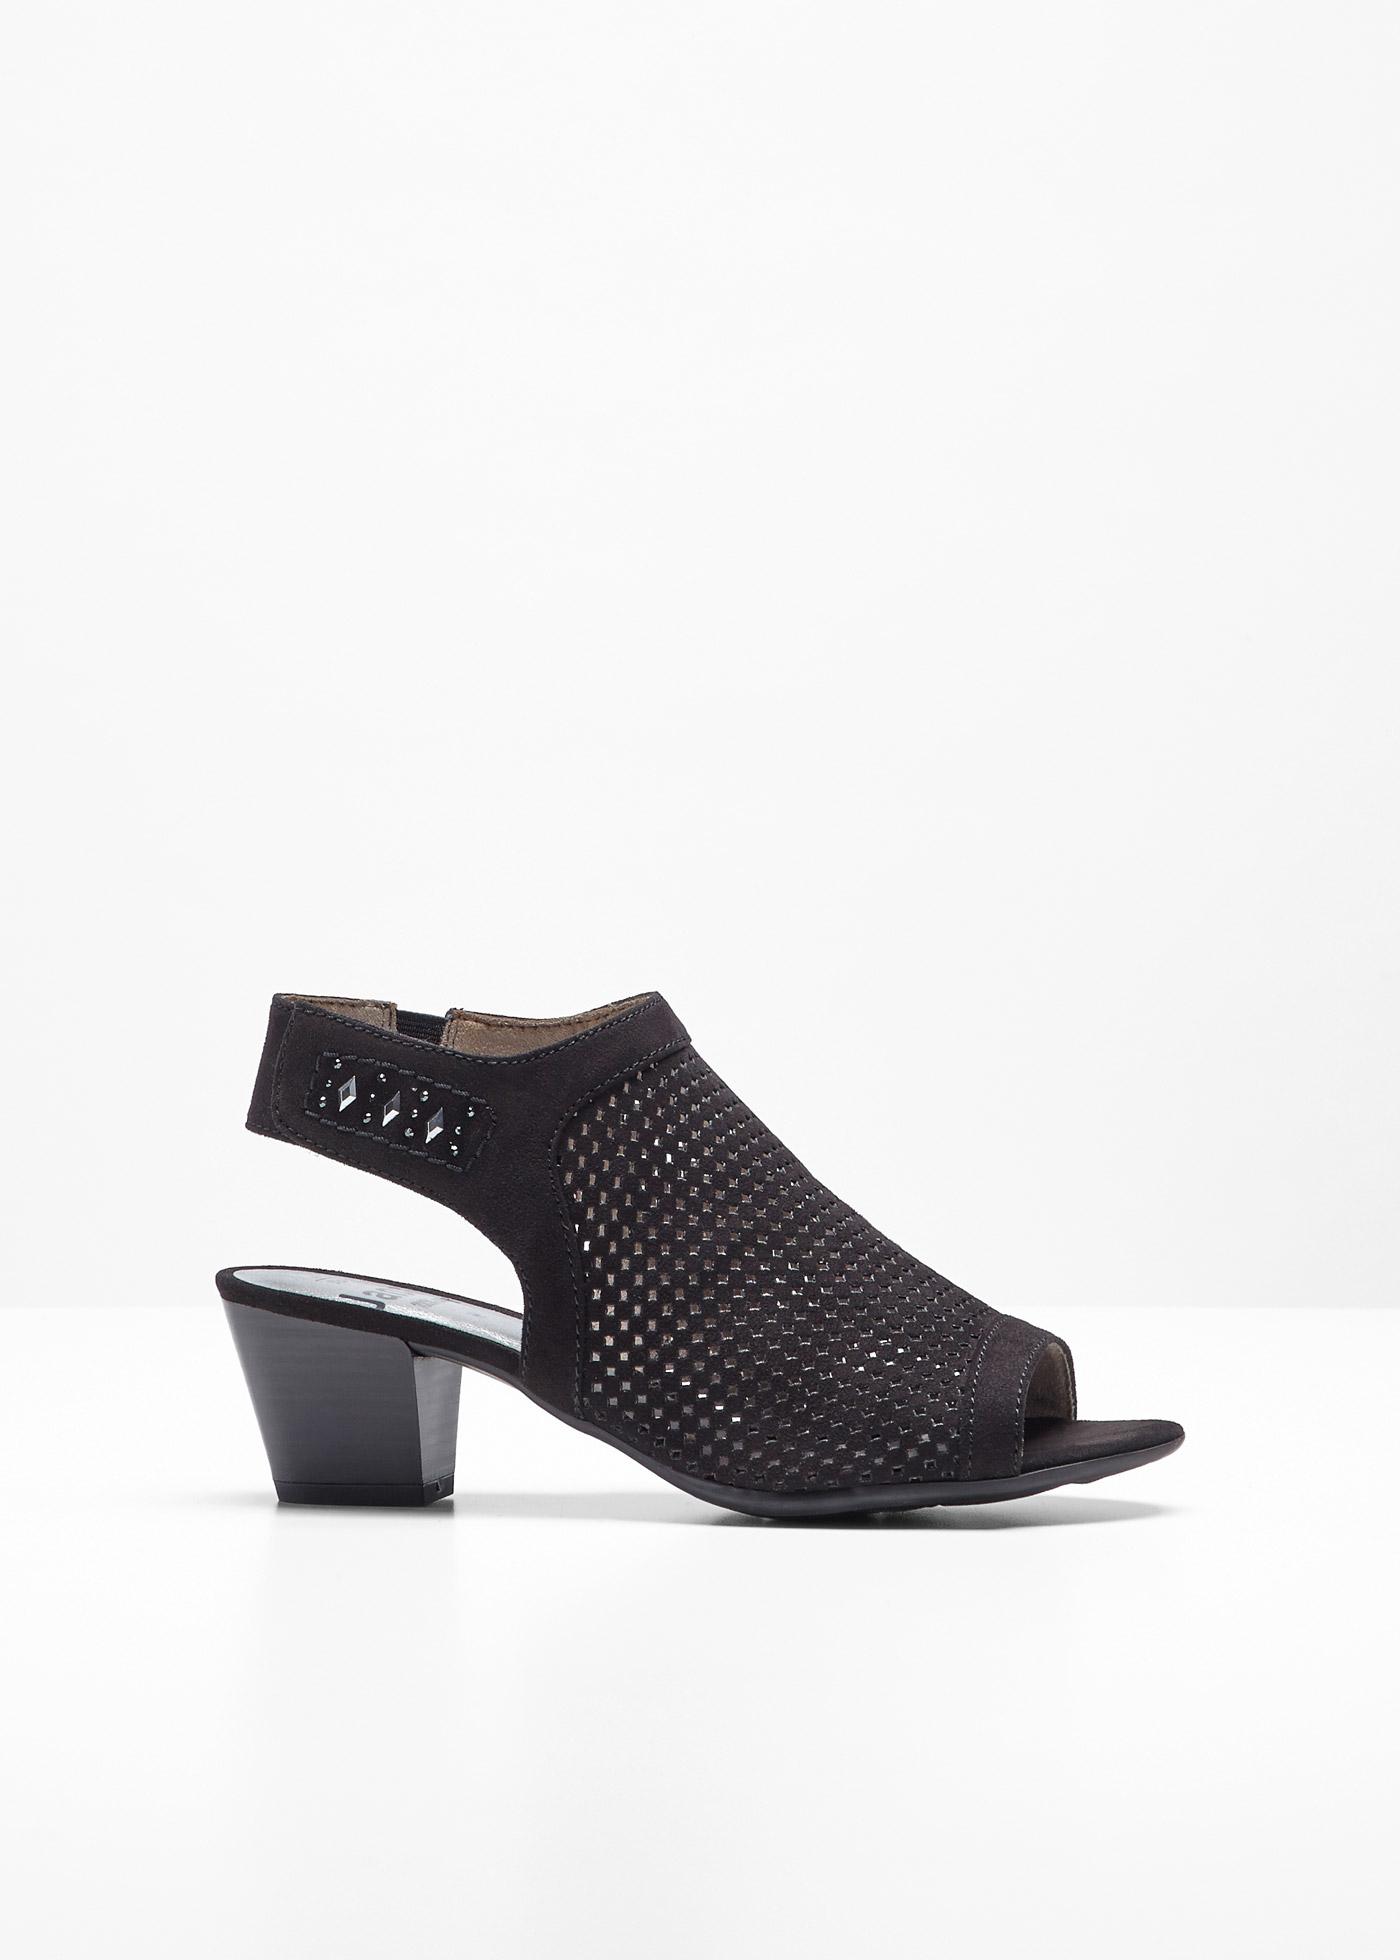 Sandalo comodo Jana (Nero) - Jana